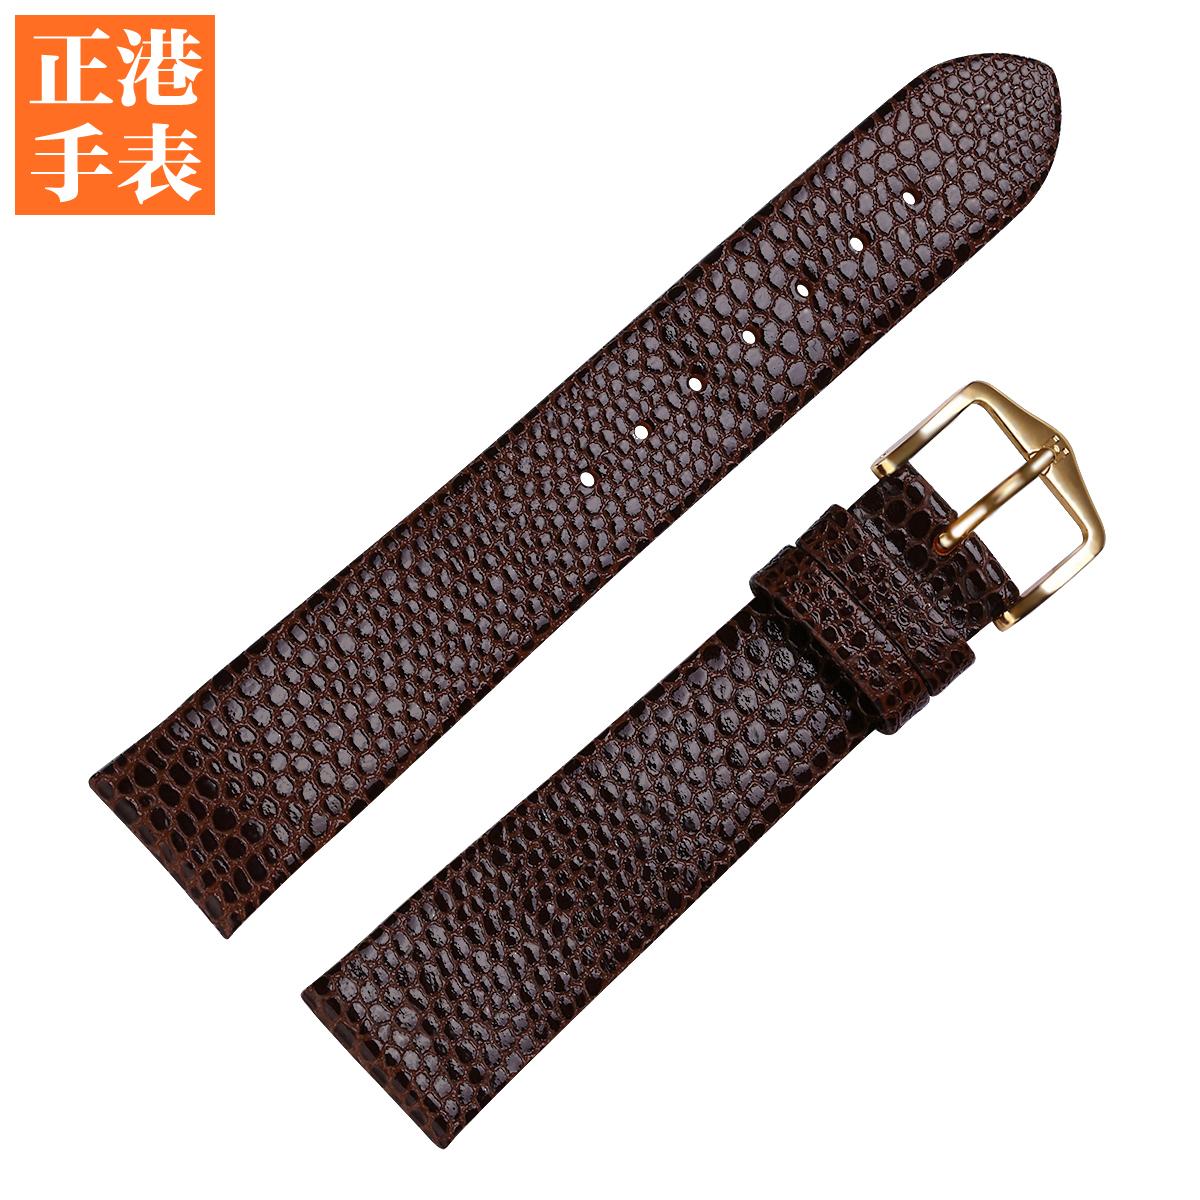 正港超薄真皮表带蜥蜴纹牛皮手表带8|10|12|13|14|16|17|18|20|MM